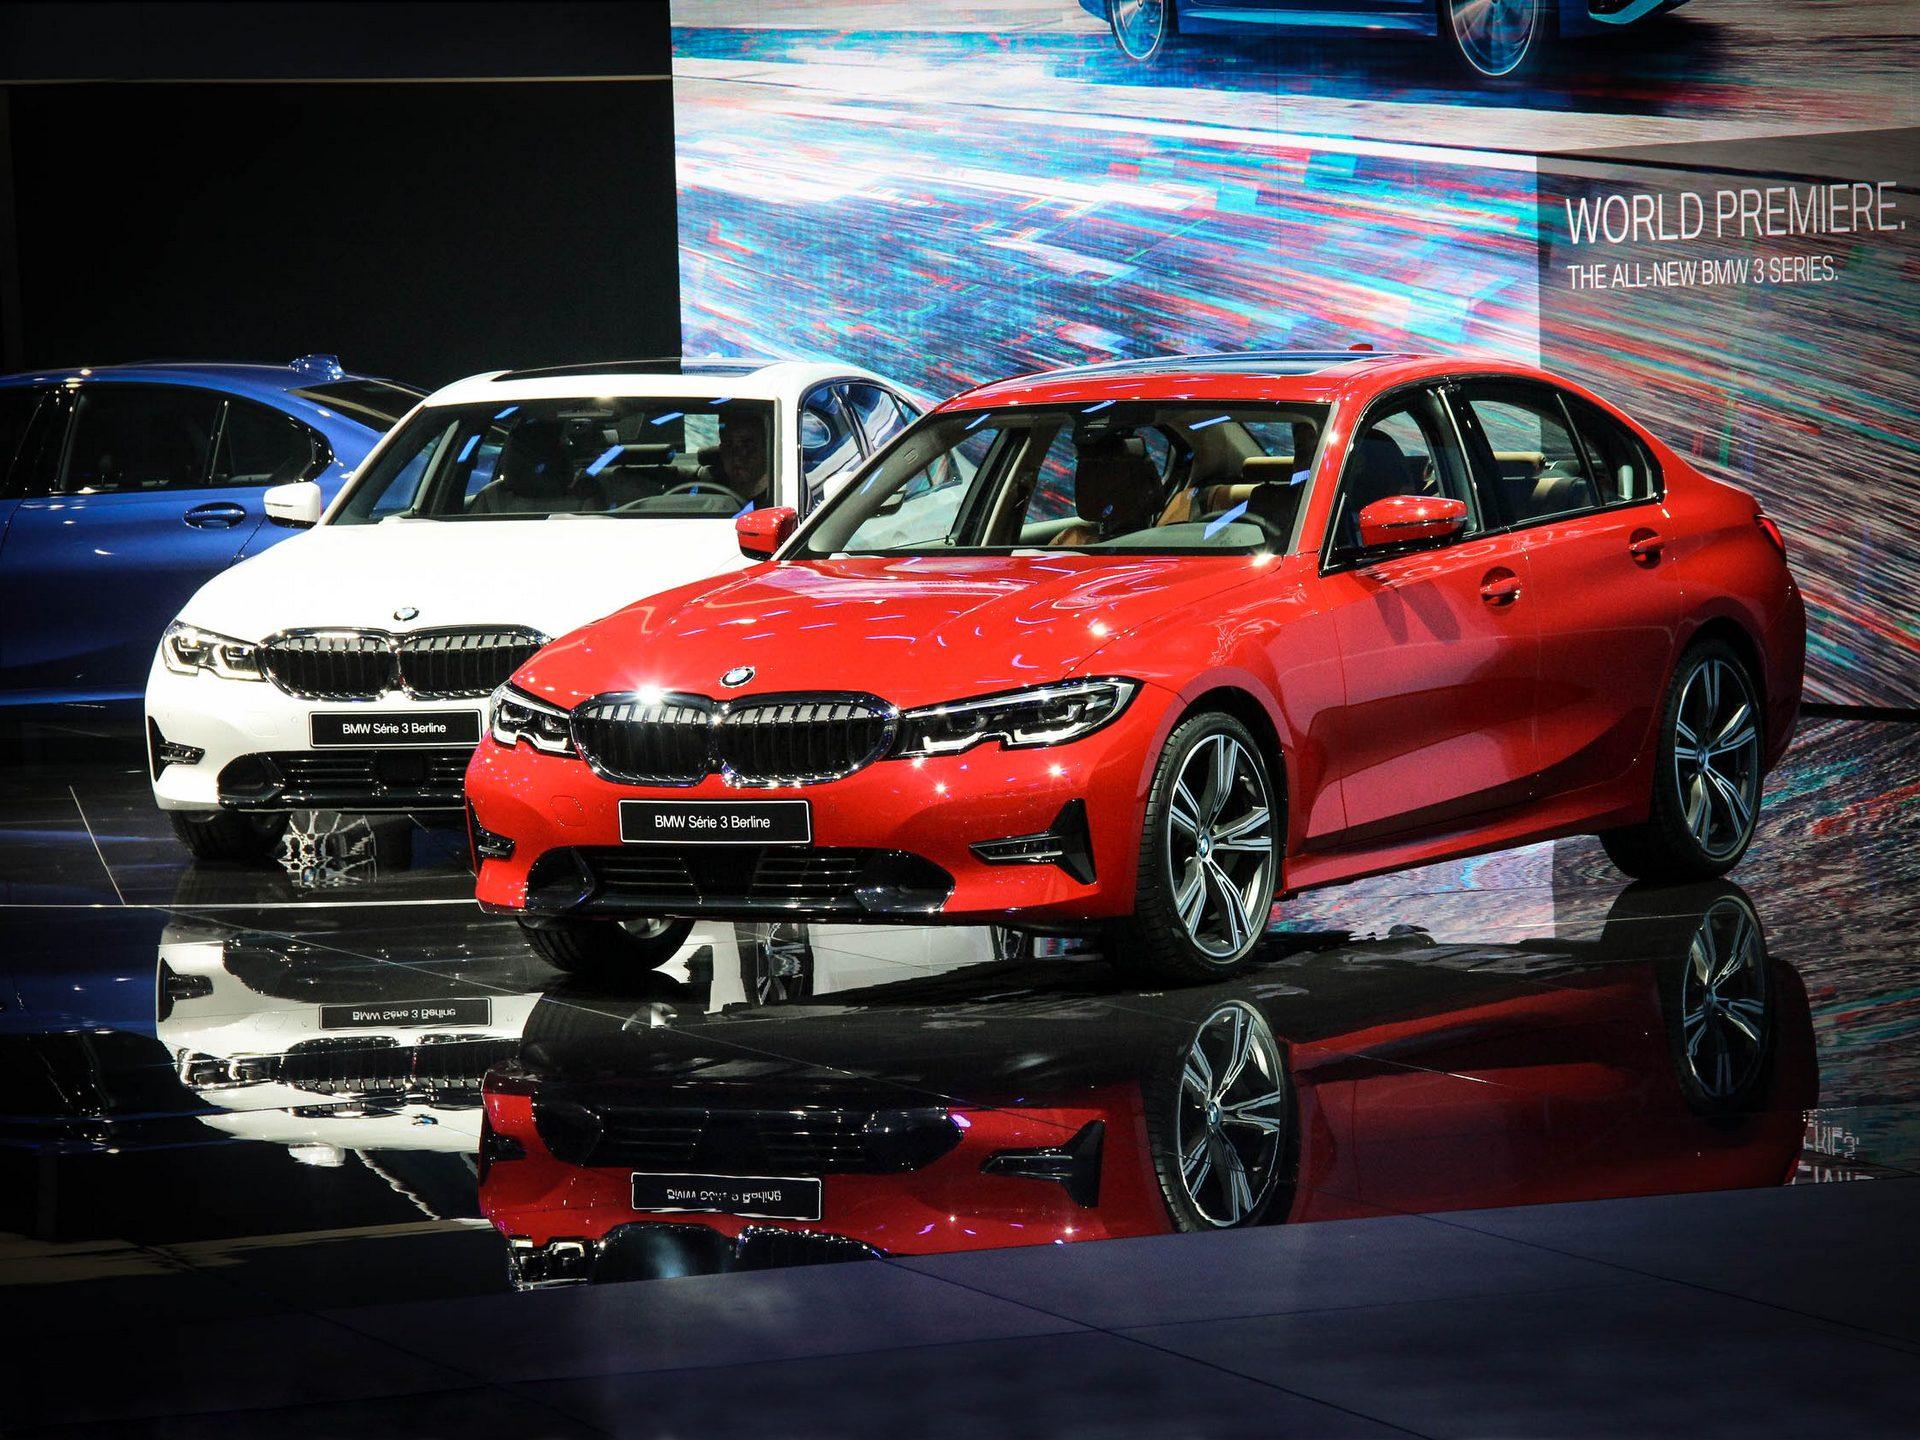 661f1923 Премьера новой BMW 3 Series (G20): обзор и видео - Колеса.ру